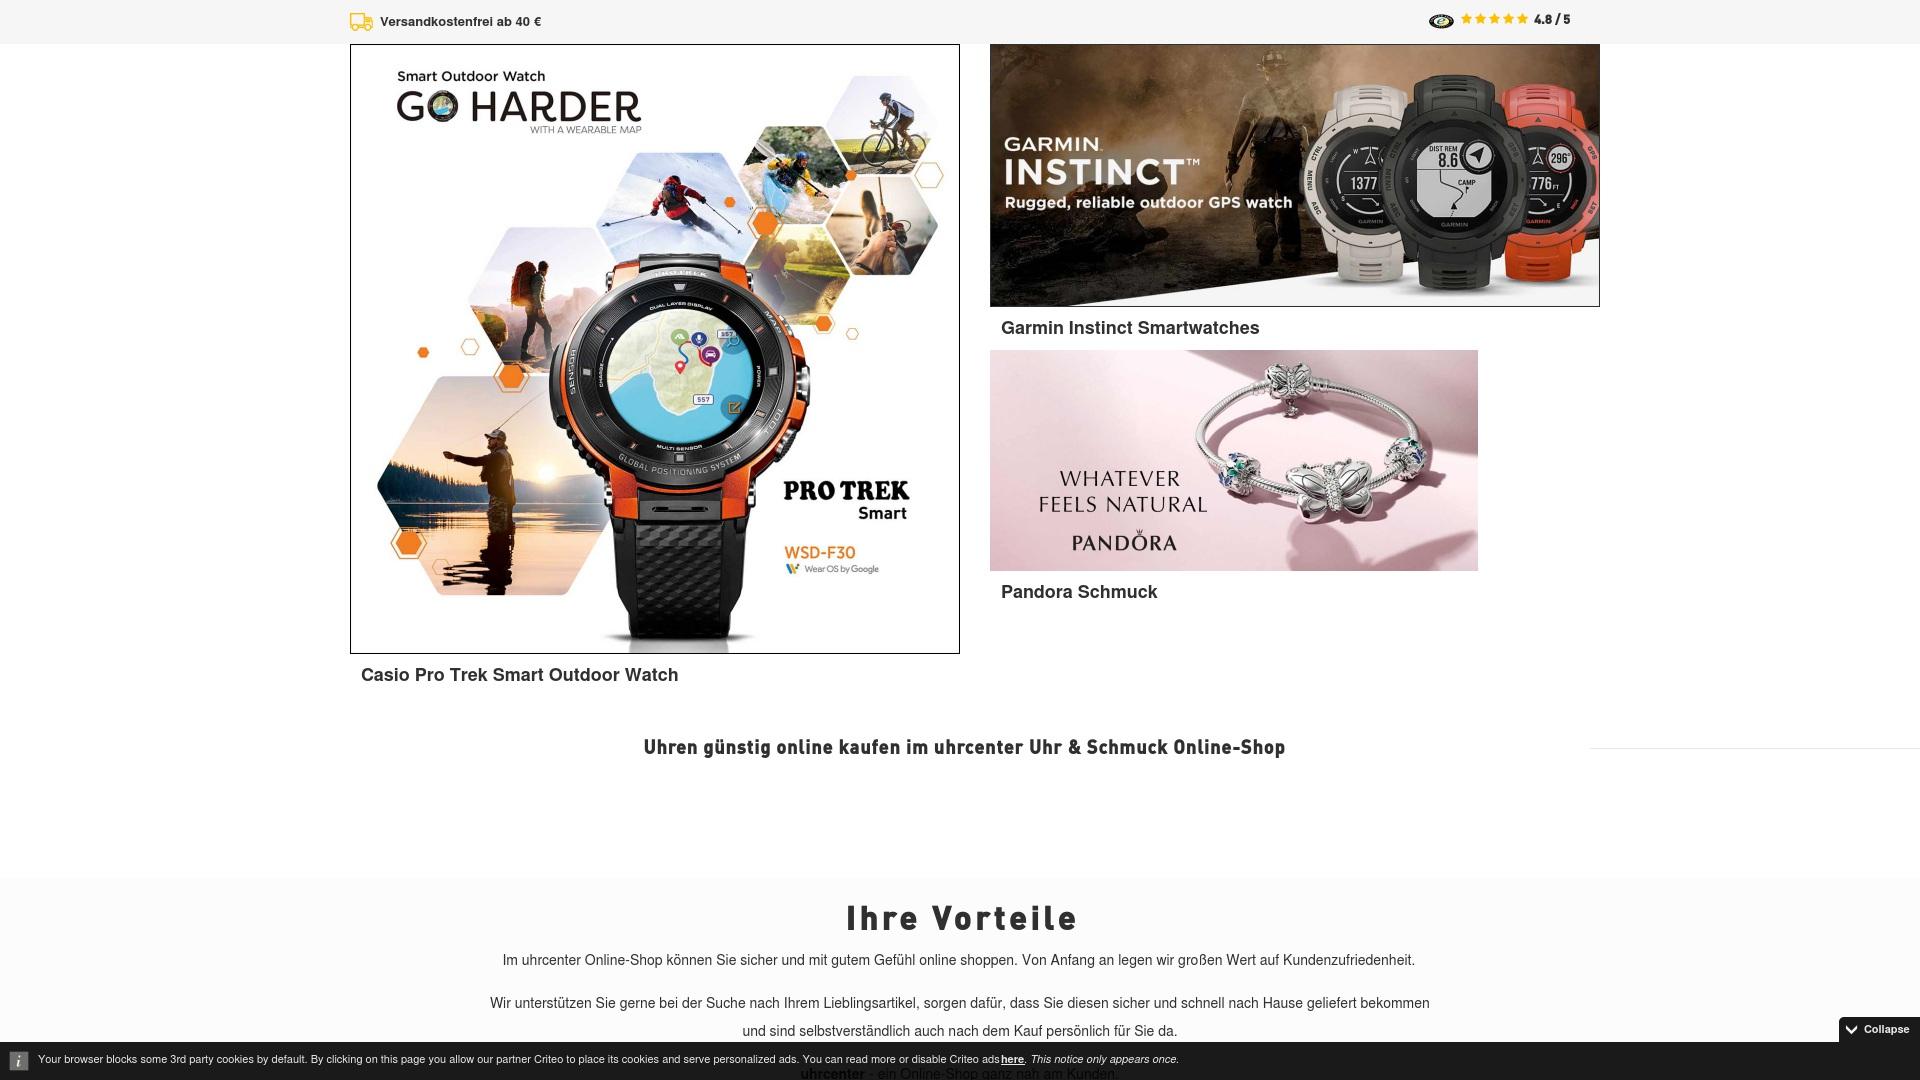 Gutschein für Uhrcenter: Rabatte für  Uhrcenter sichern